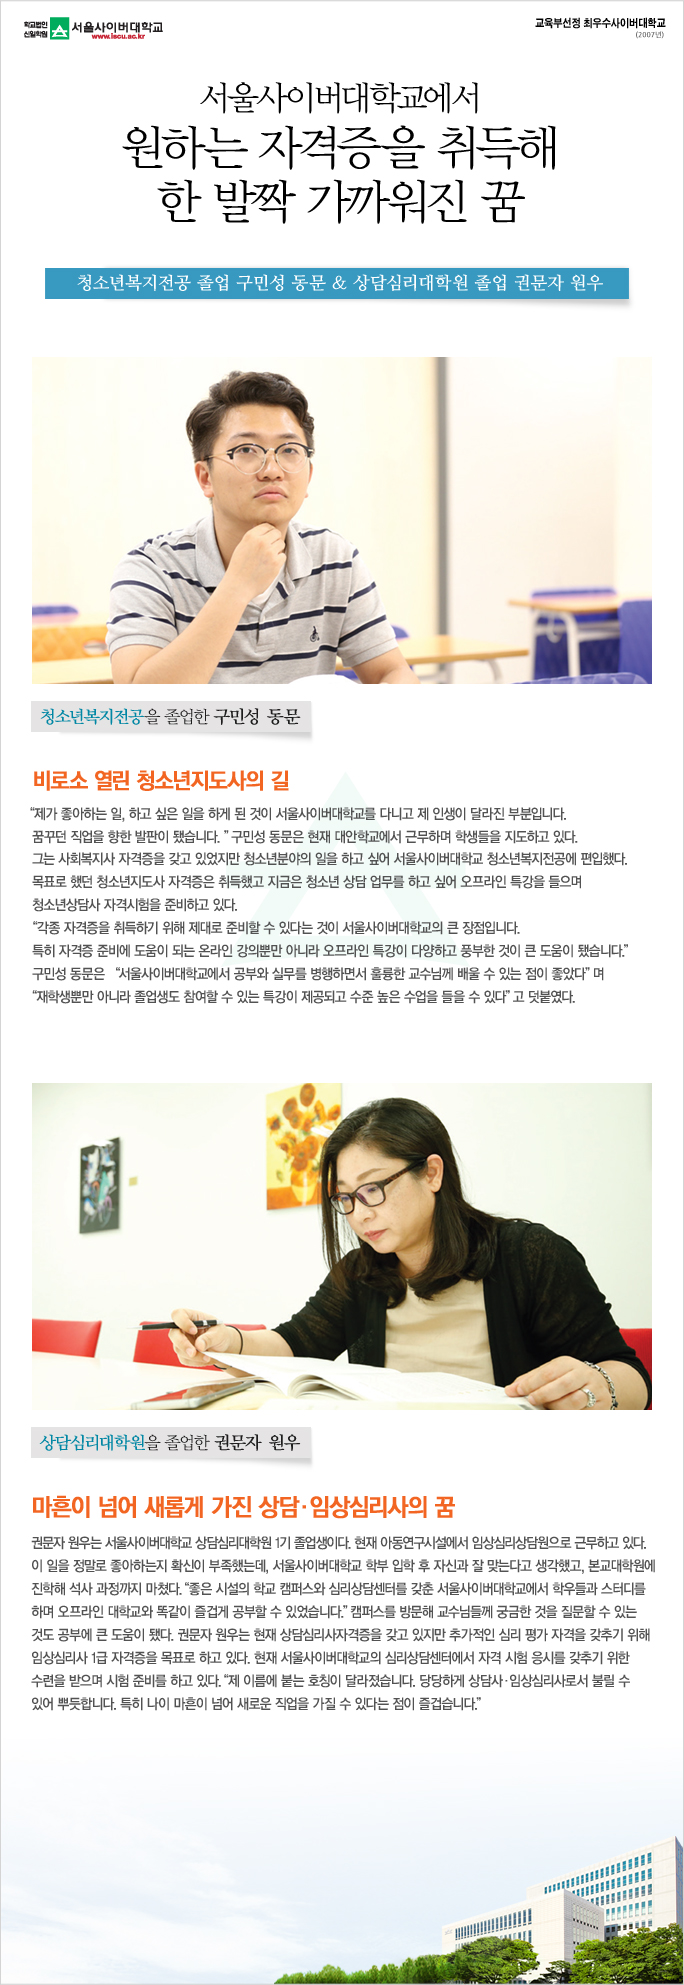 서울사이버대학교에서 원하는 자격증을 취득해 한 발짝 가까워진 꿈 아래내용참조